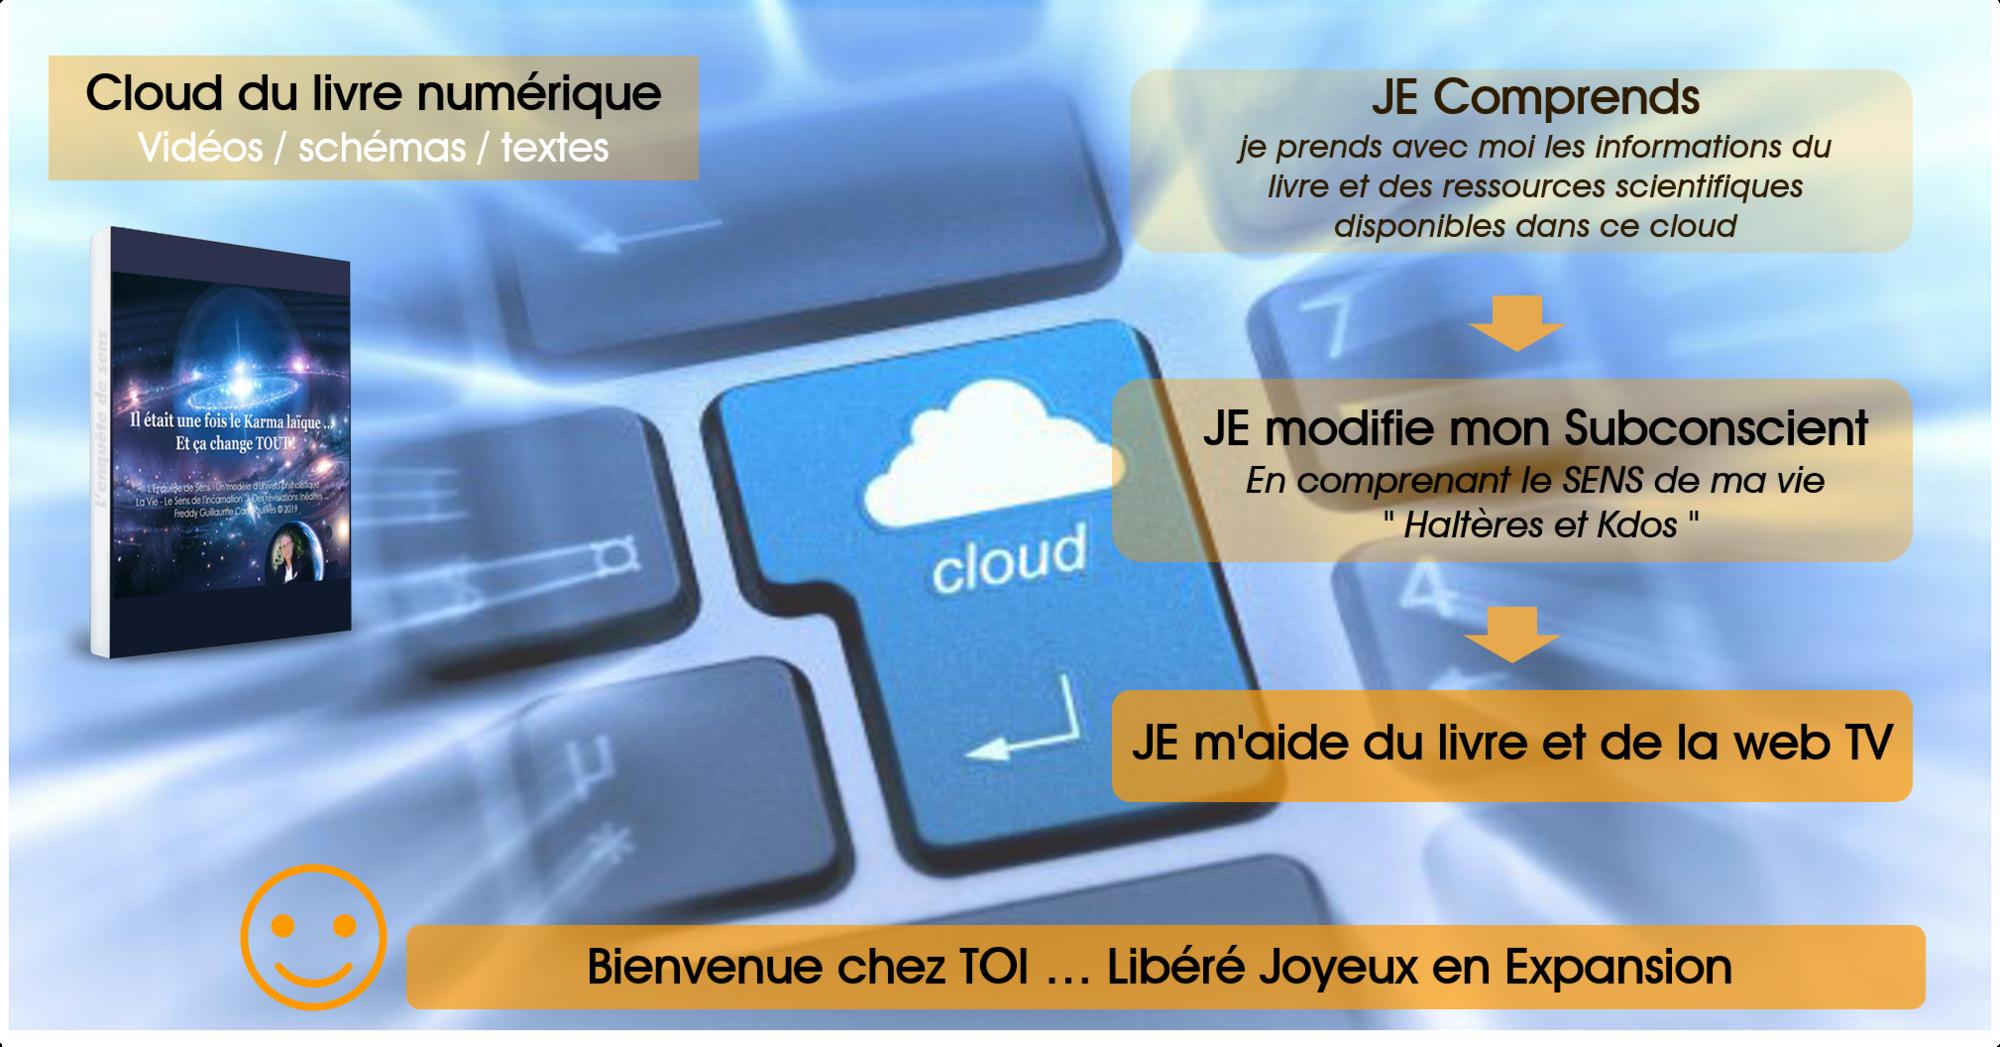 Cloud du livre numérique